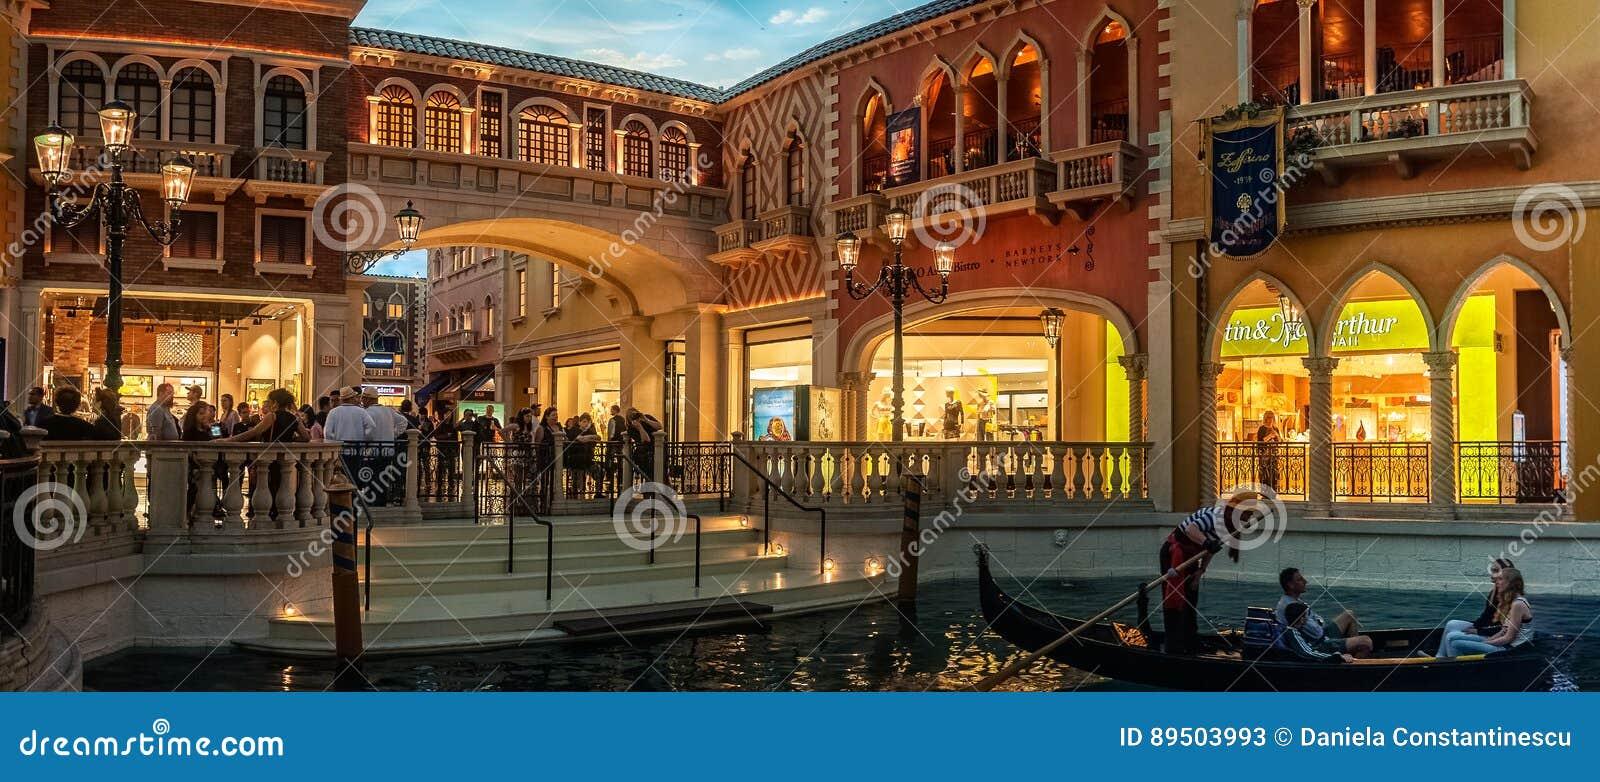 Romantische gondelrit op het kanaal in het Venetiaanse hotel en het casino